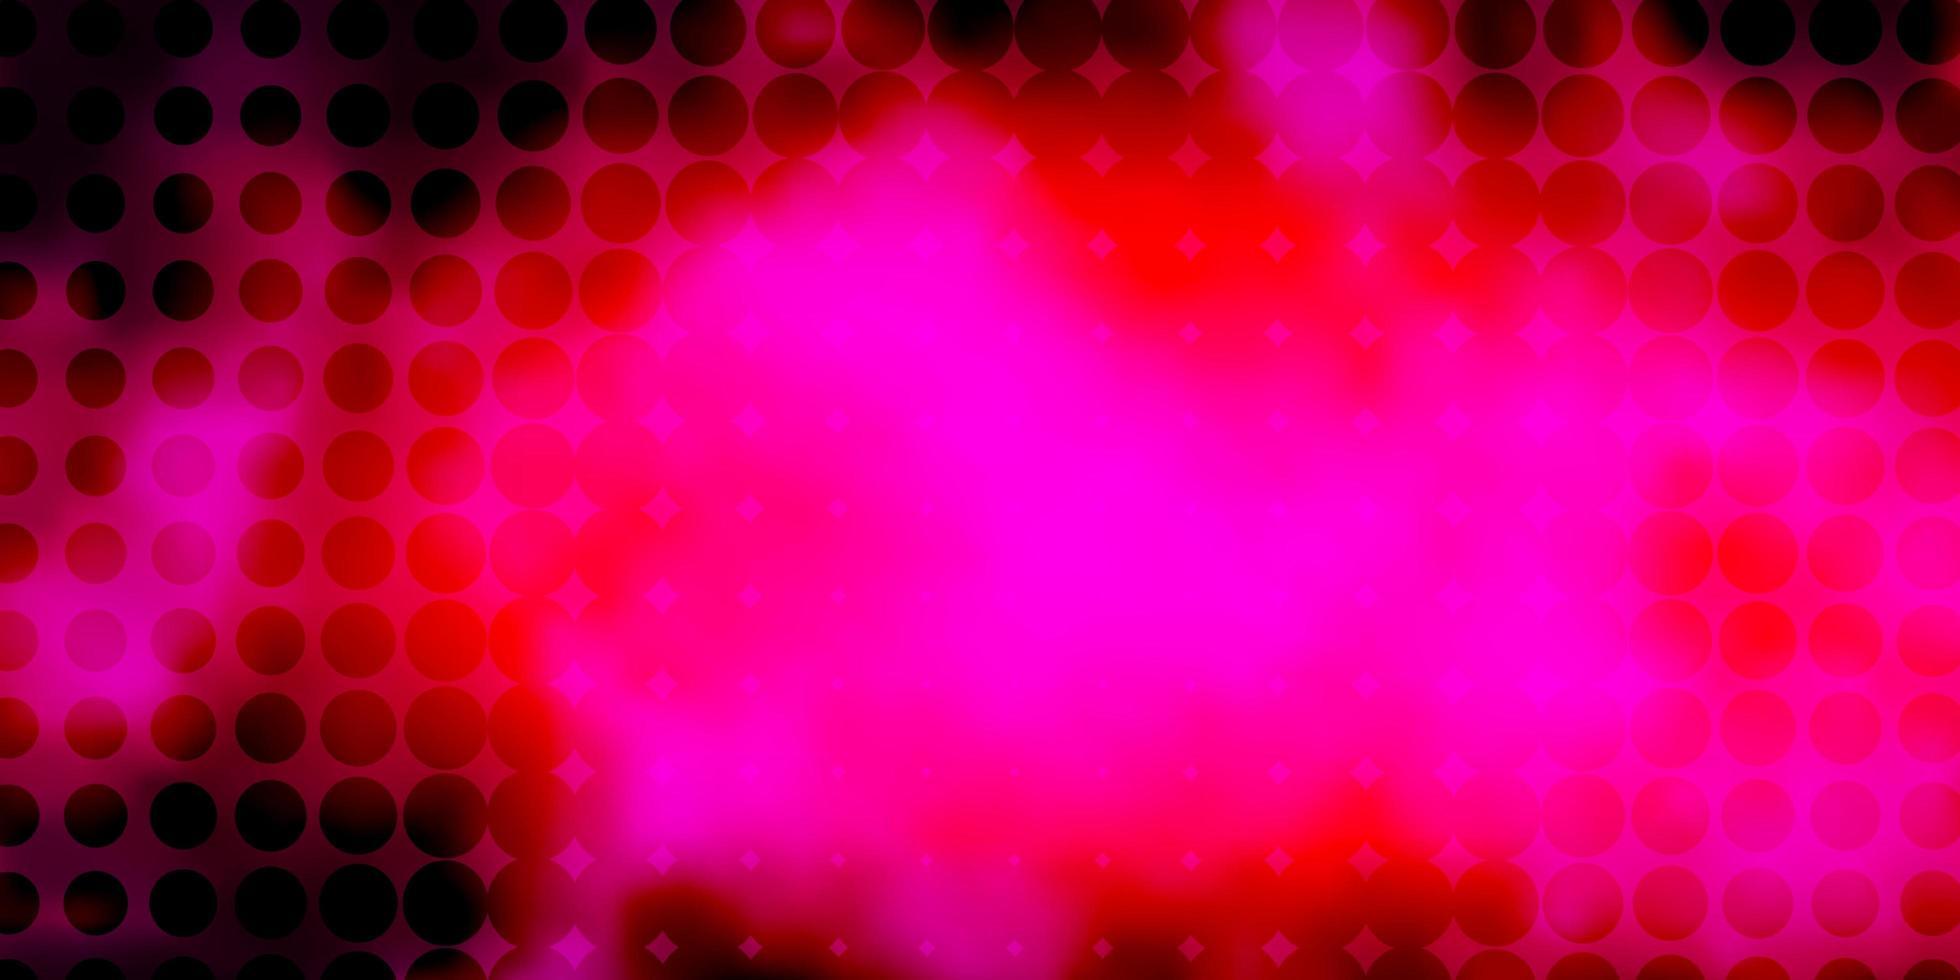 modèle vectoriel rose foncé avec des cercles.